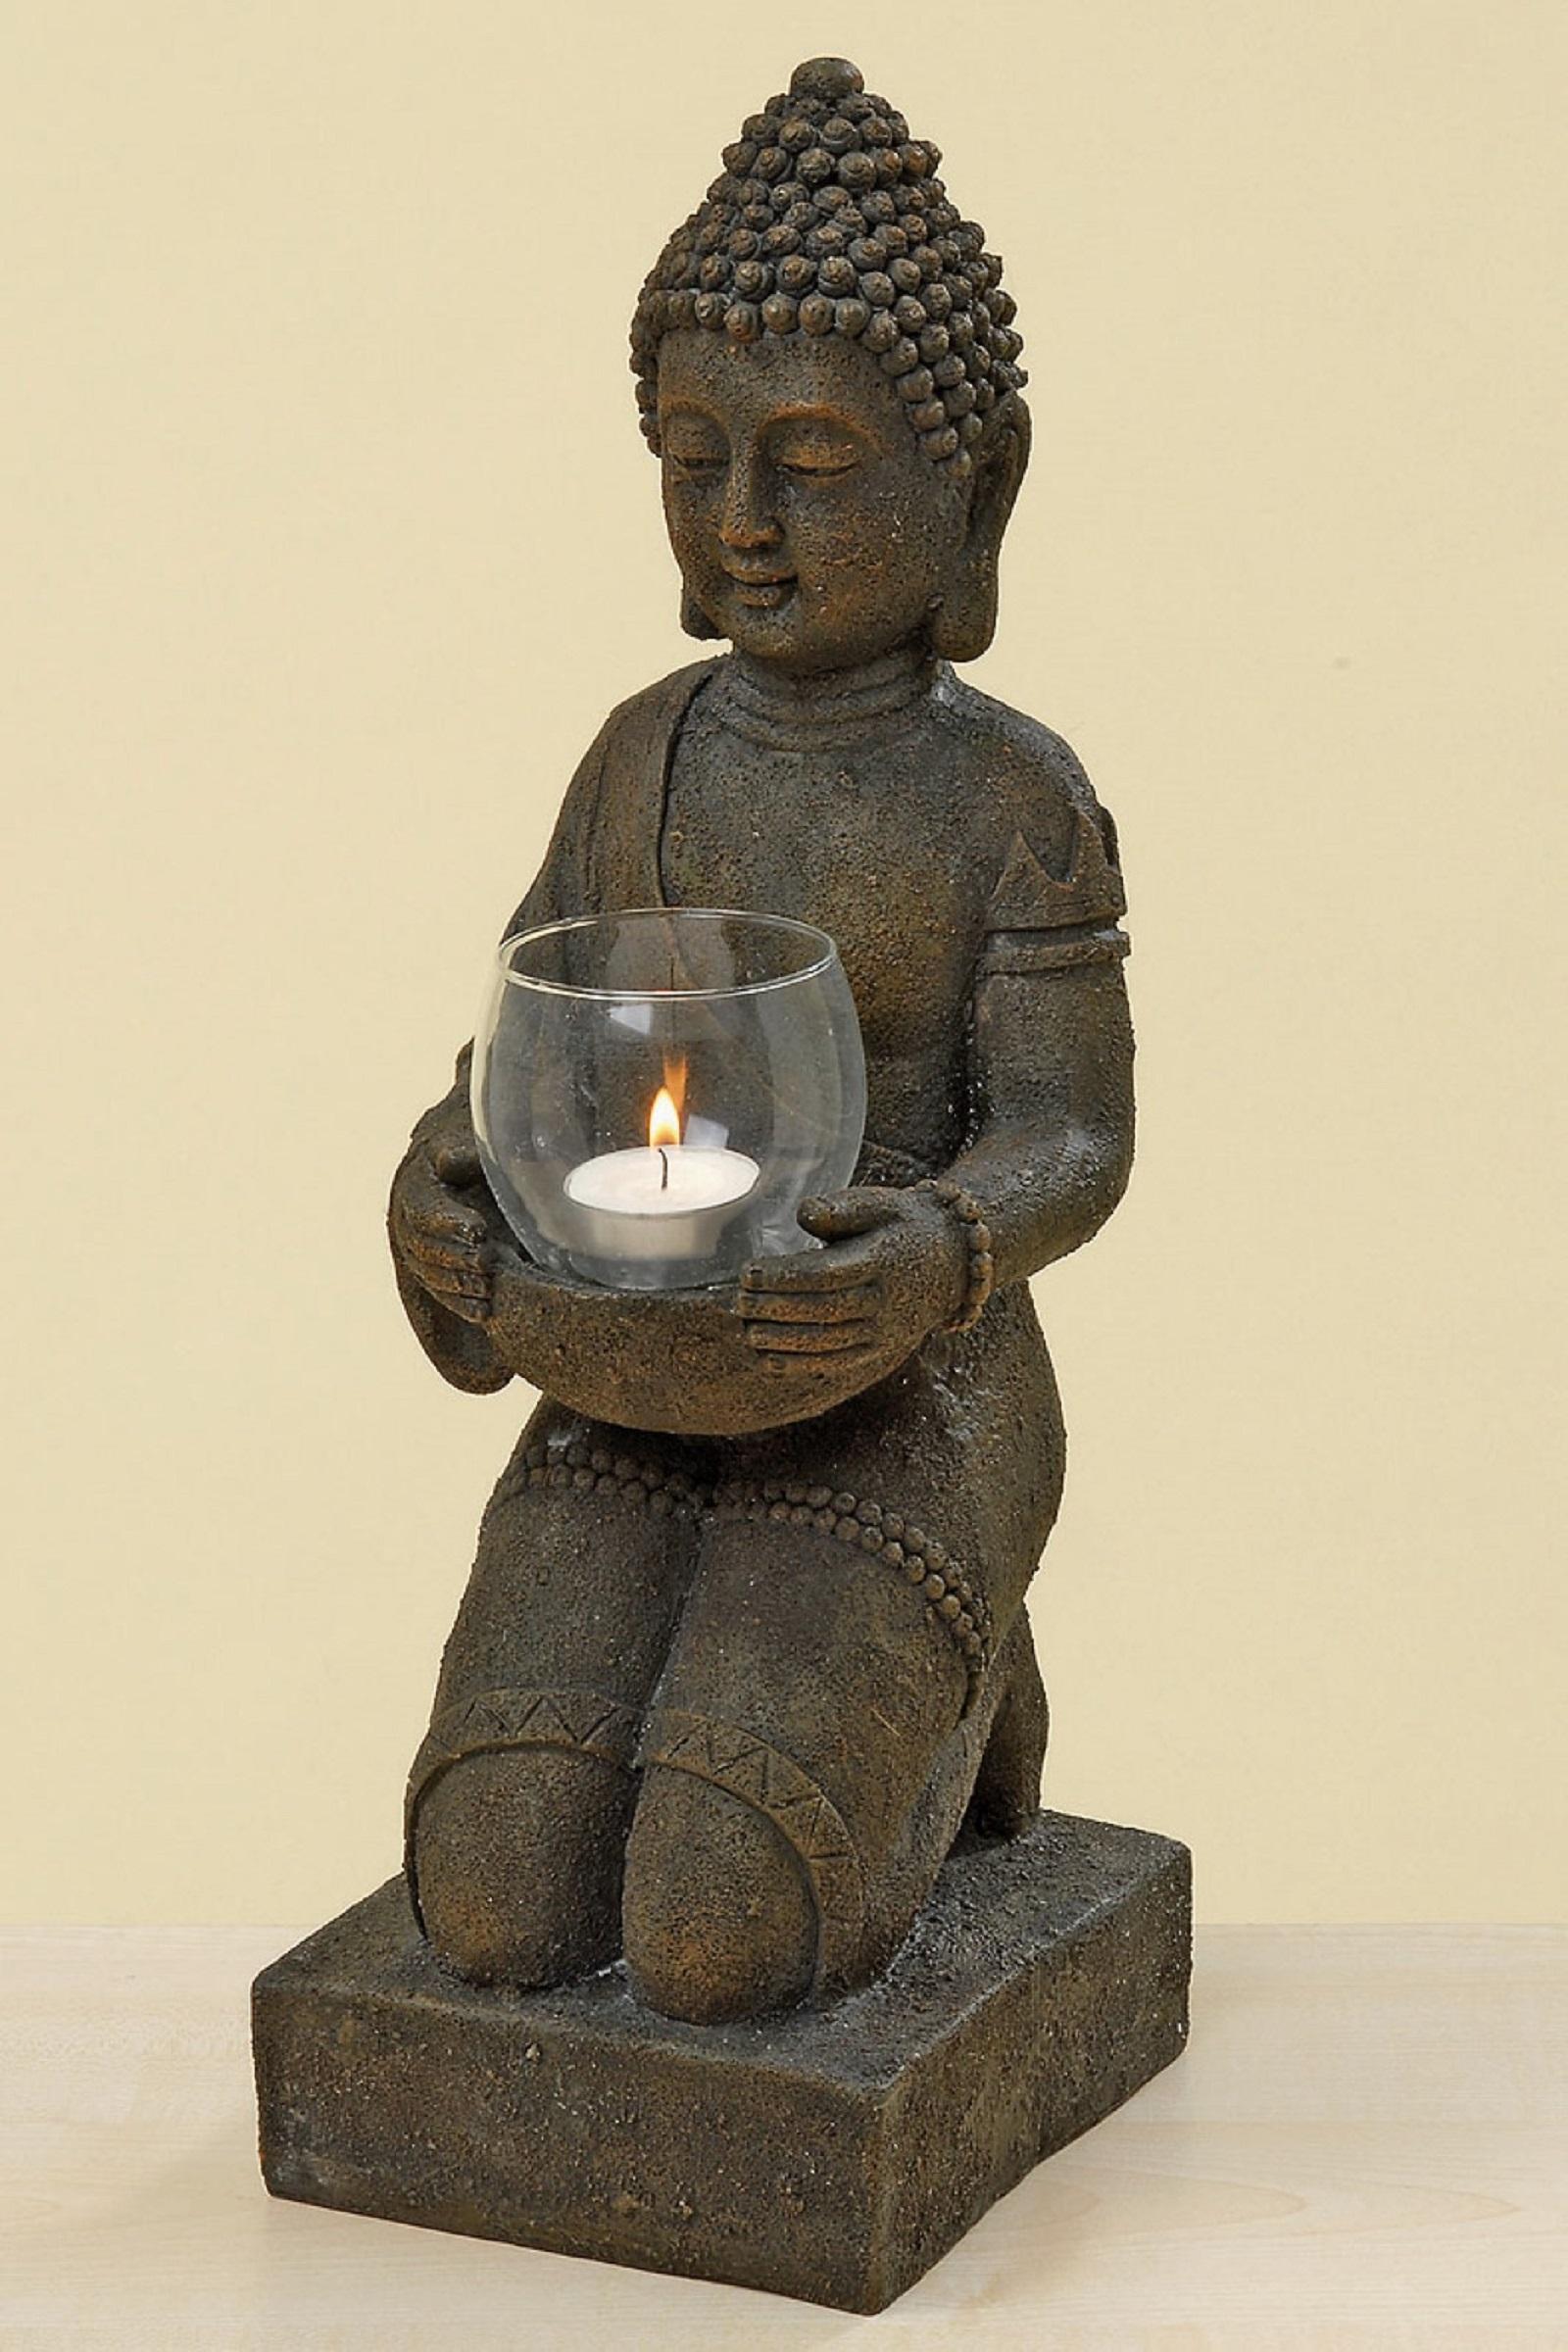 Buddha Statue Windlichthalter Kerzenständer Dekofigur H 44 cm 5989500